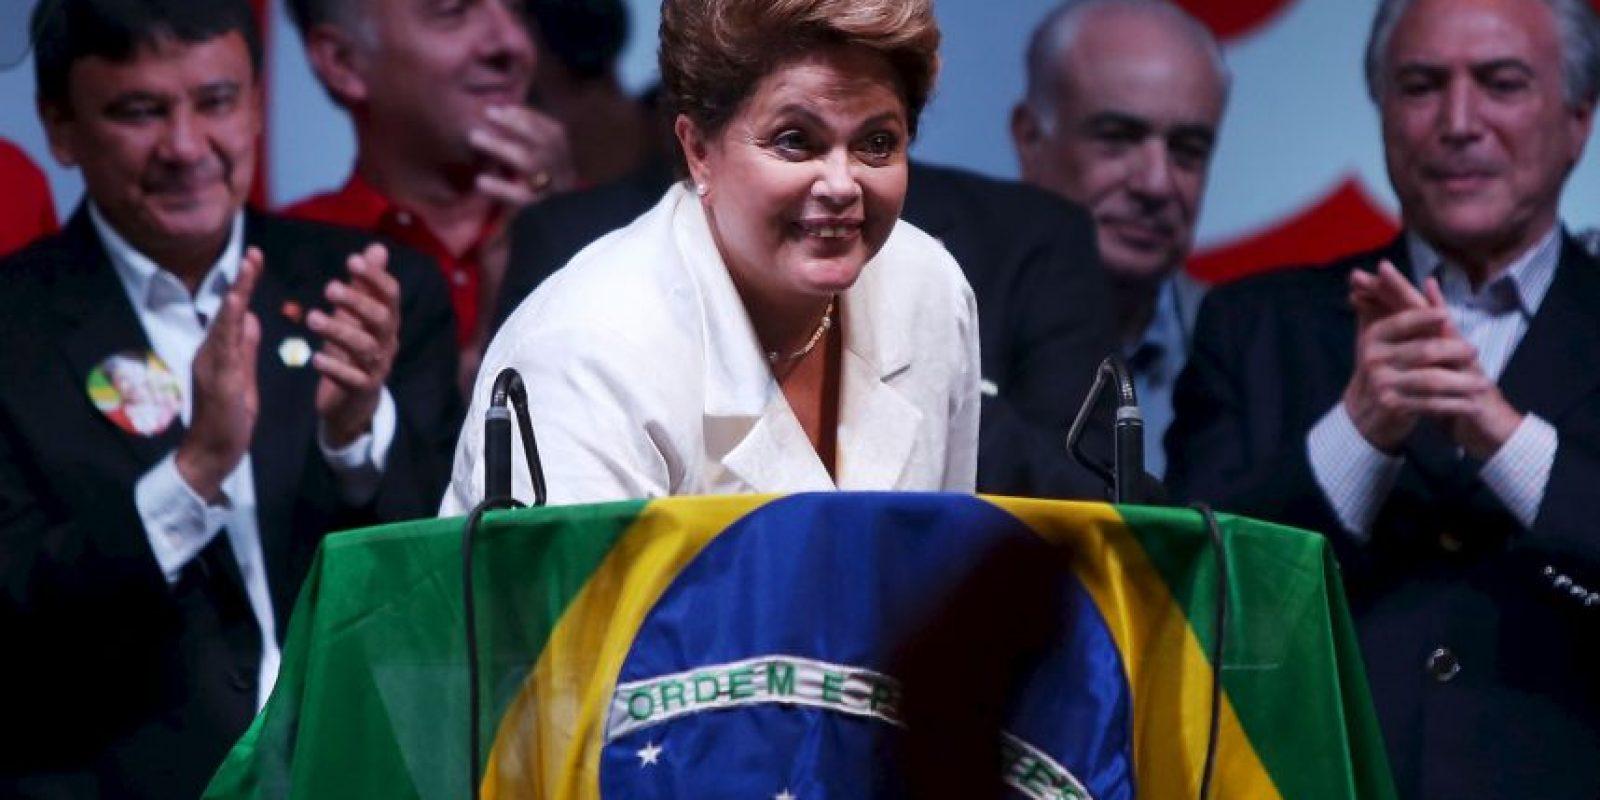 La presidenta de Brasil mostró en el pasado su malestar ante la posibilidad de que su teléfono hubiera sido interceptado. Foto:Getty Images